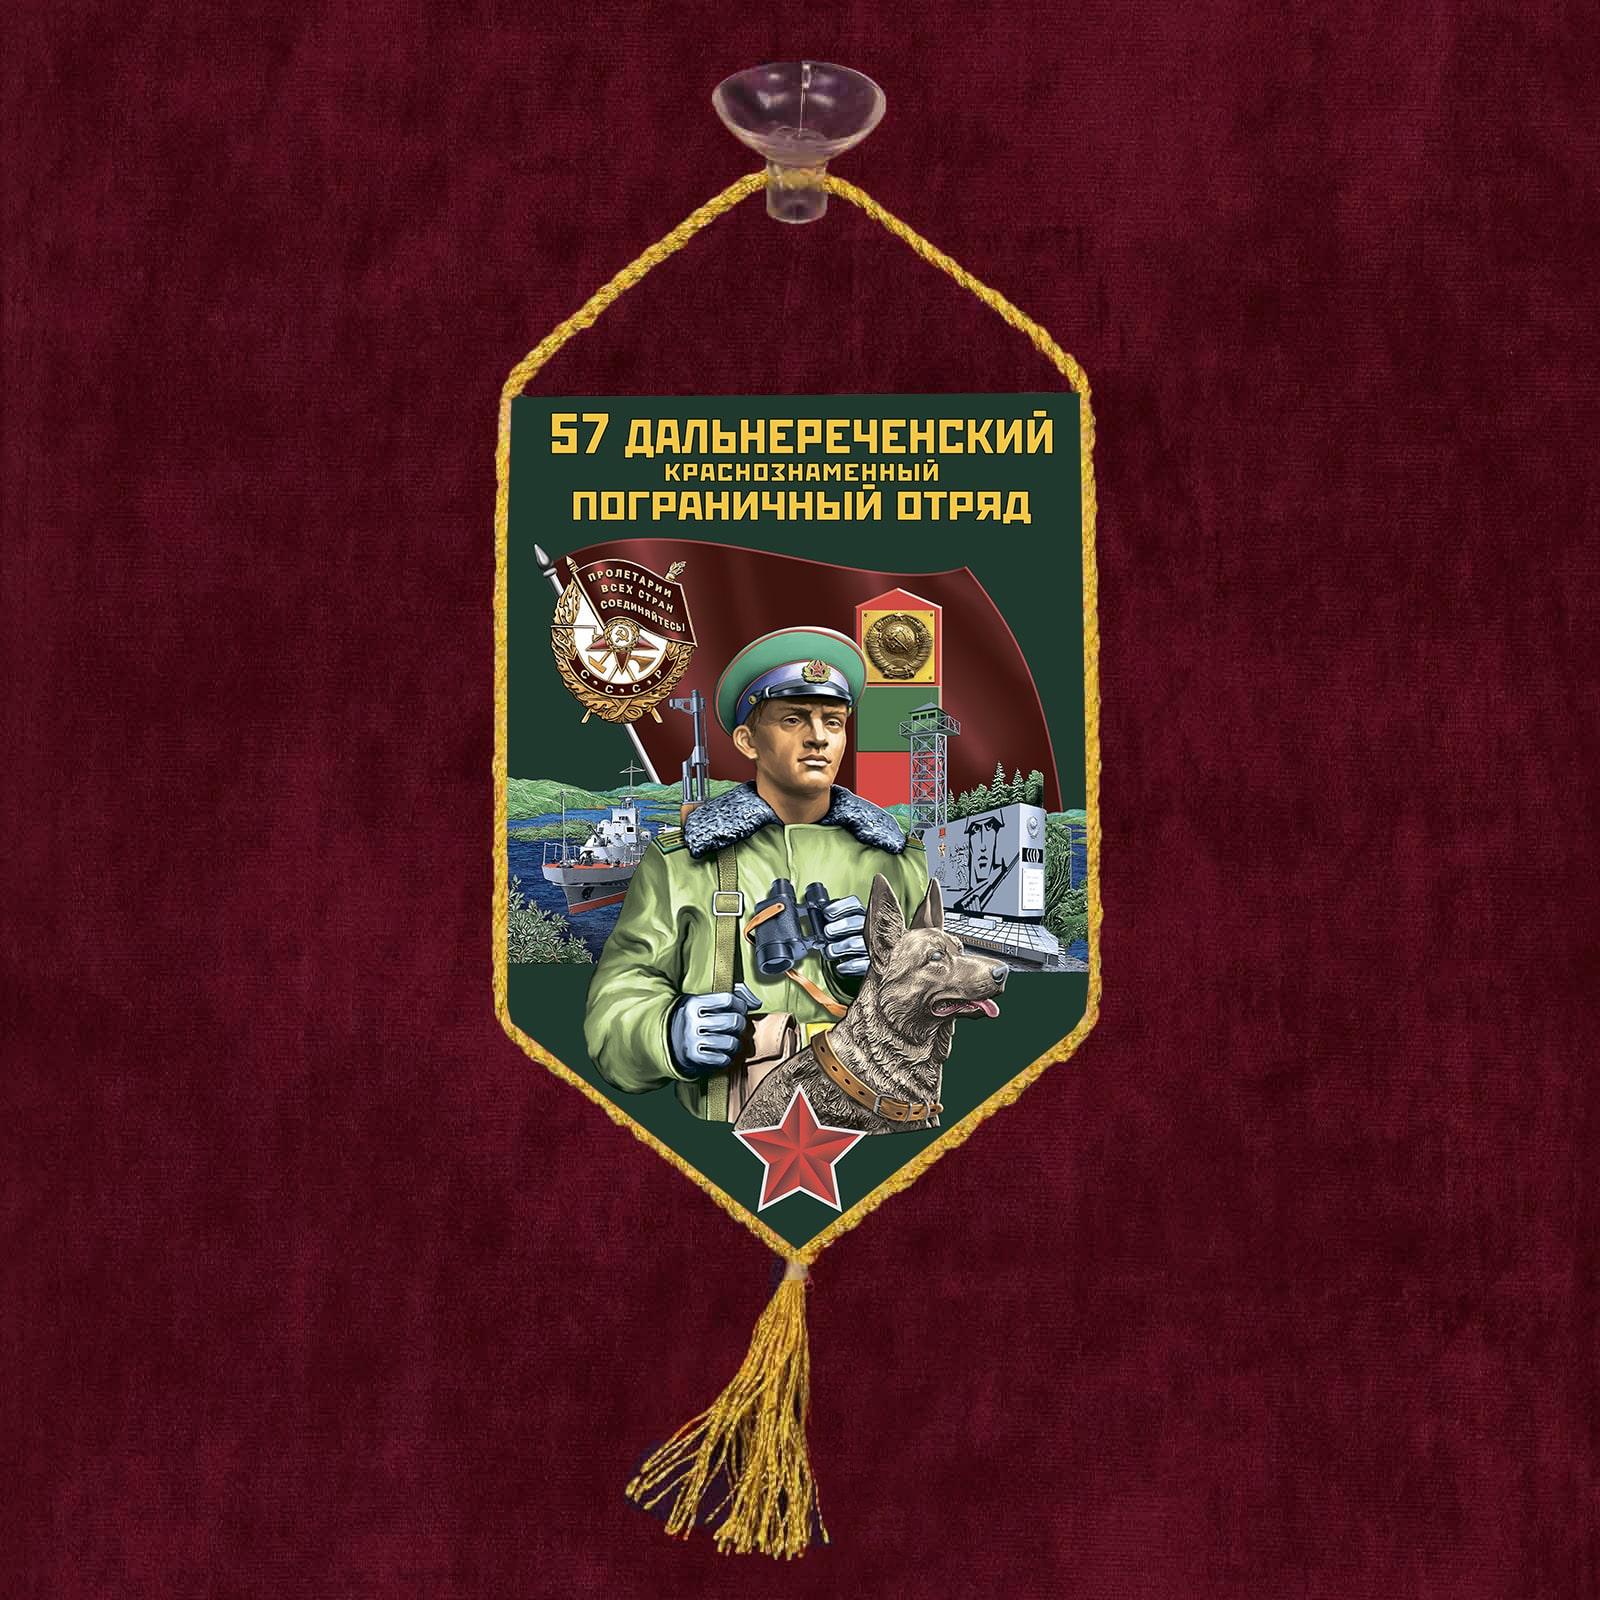 """Автомобильный вымпел """"57 Дальнереченский пограничный отряд"""""""